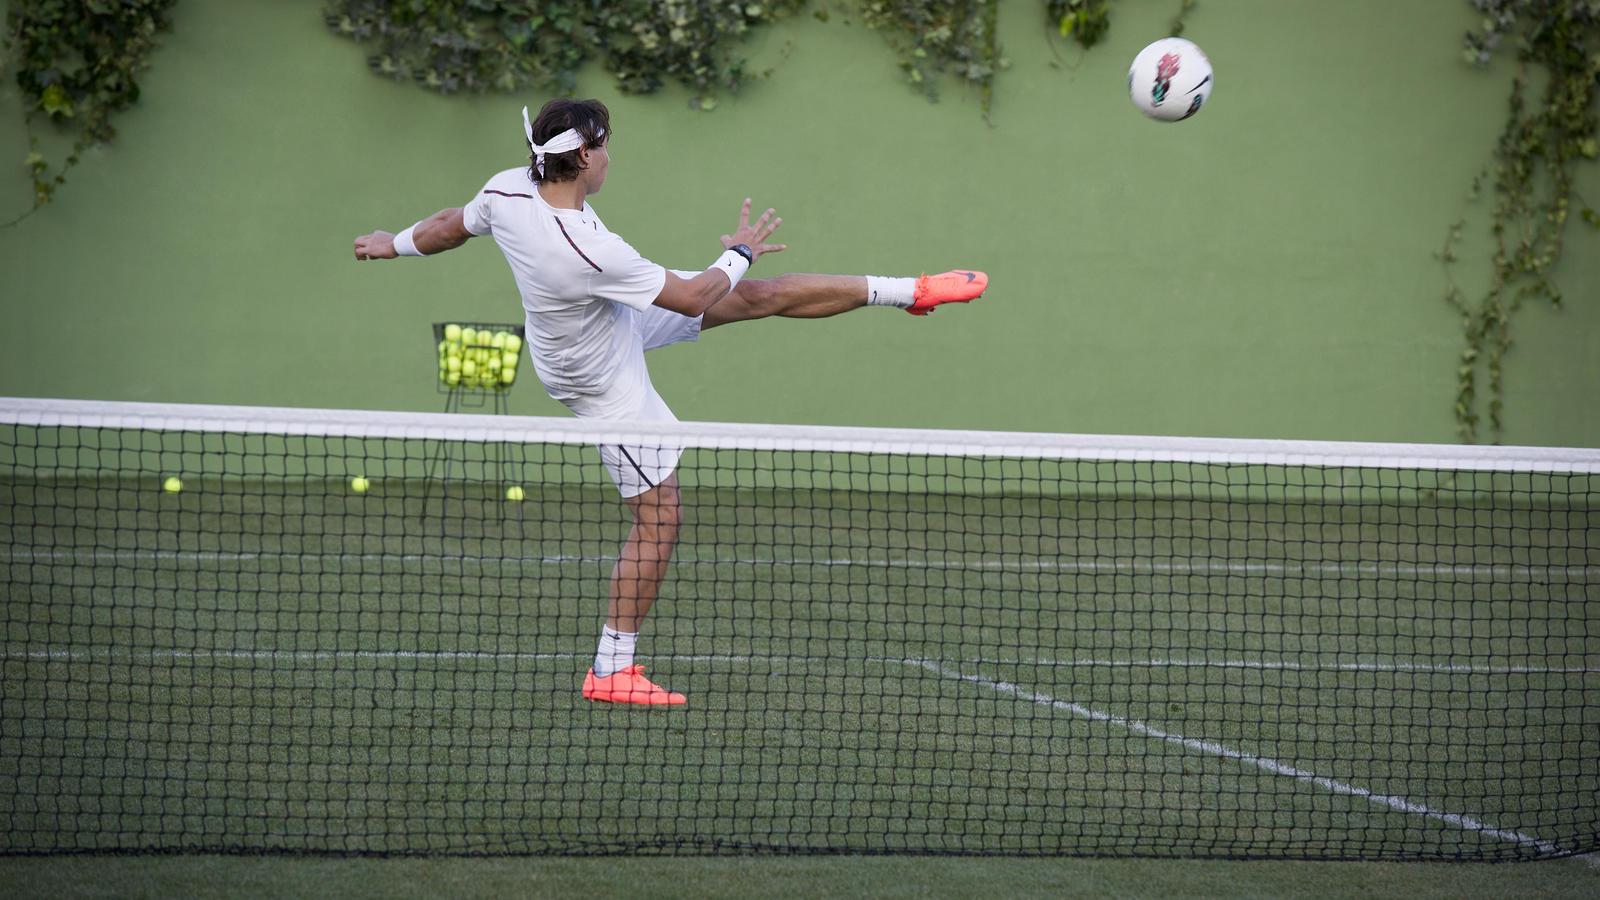 NikeMercurialVaporVIII_CR_Nadal_08